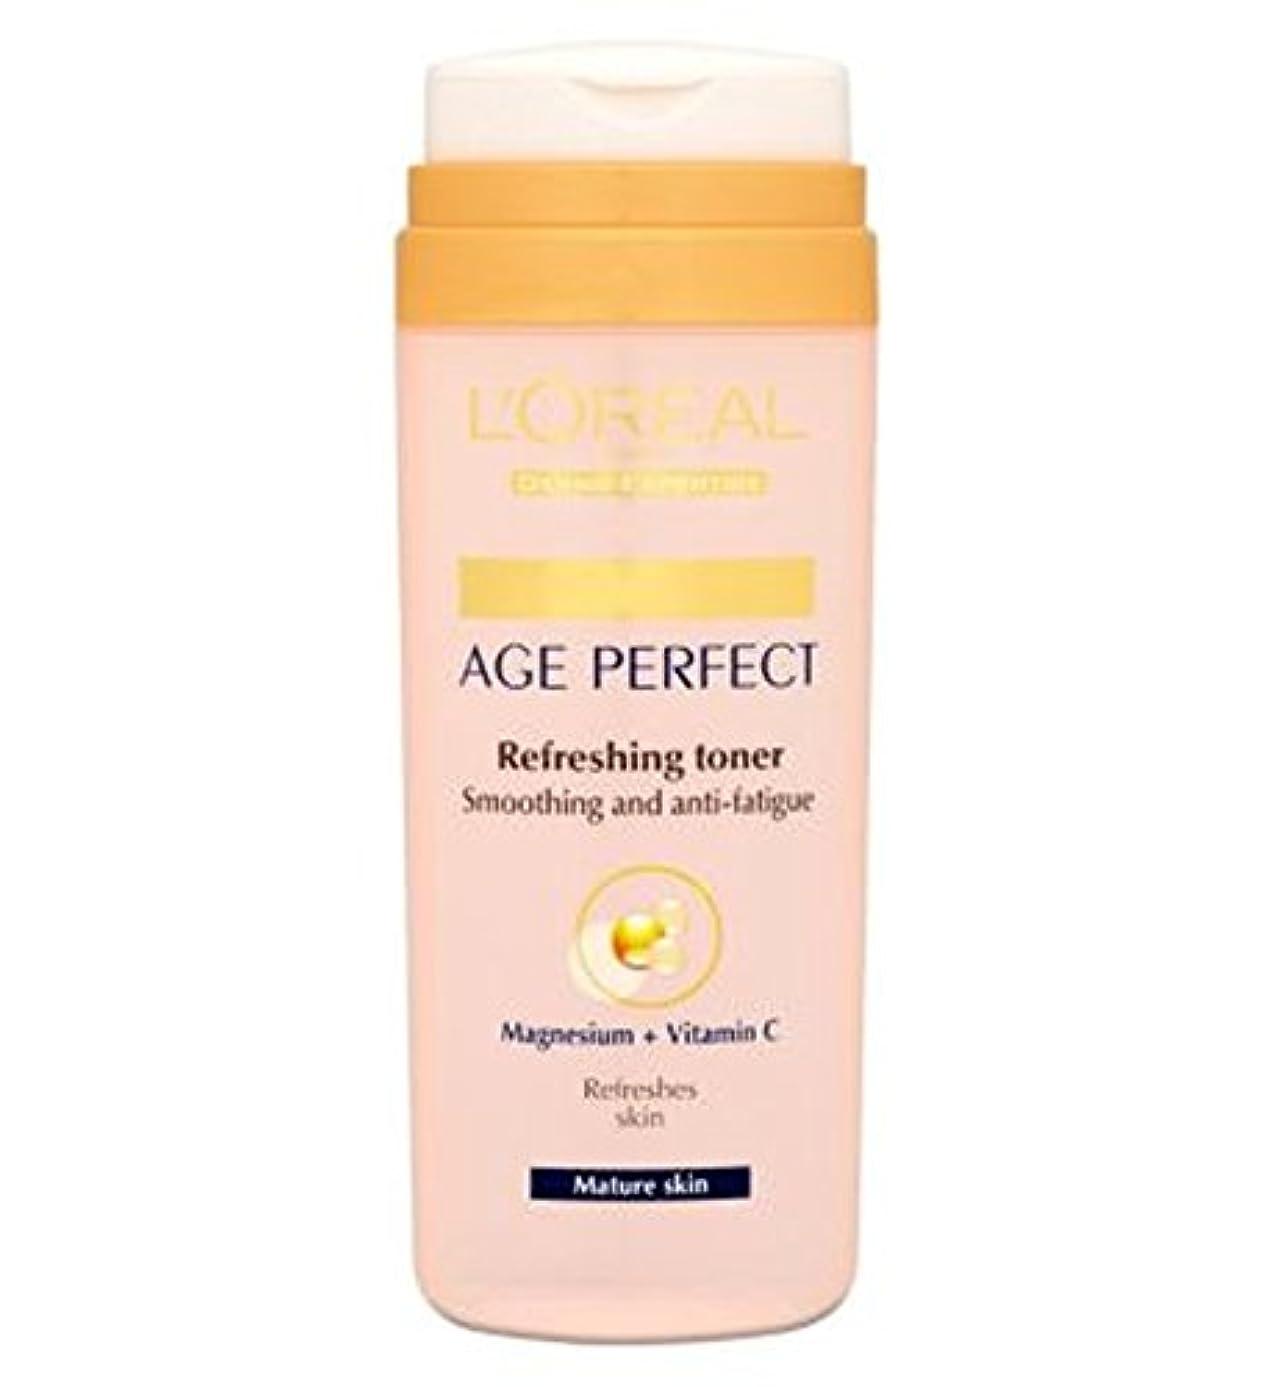 オプショナルチャンピオントリッキーL'Oreall Paris Dermo-Expertise Age Perfect Refreshing Toner Mature Skin 200ml - L'Oreallパリ真皮専門知識の年齢、完璧なさわやかなトナー...